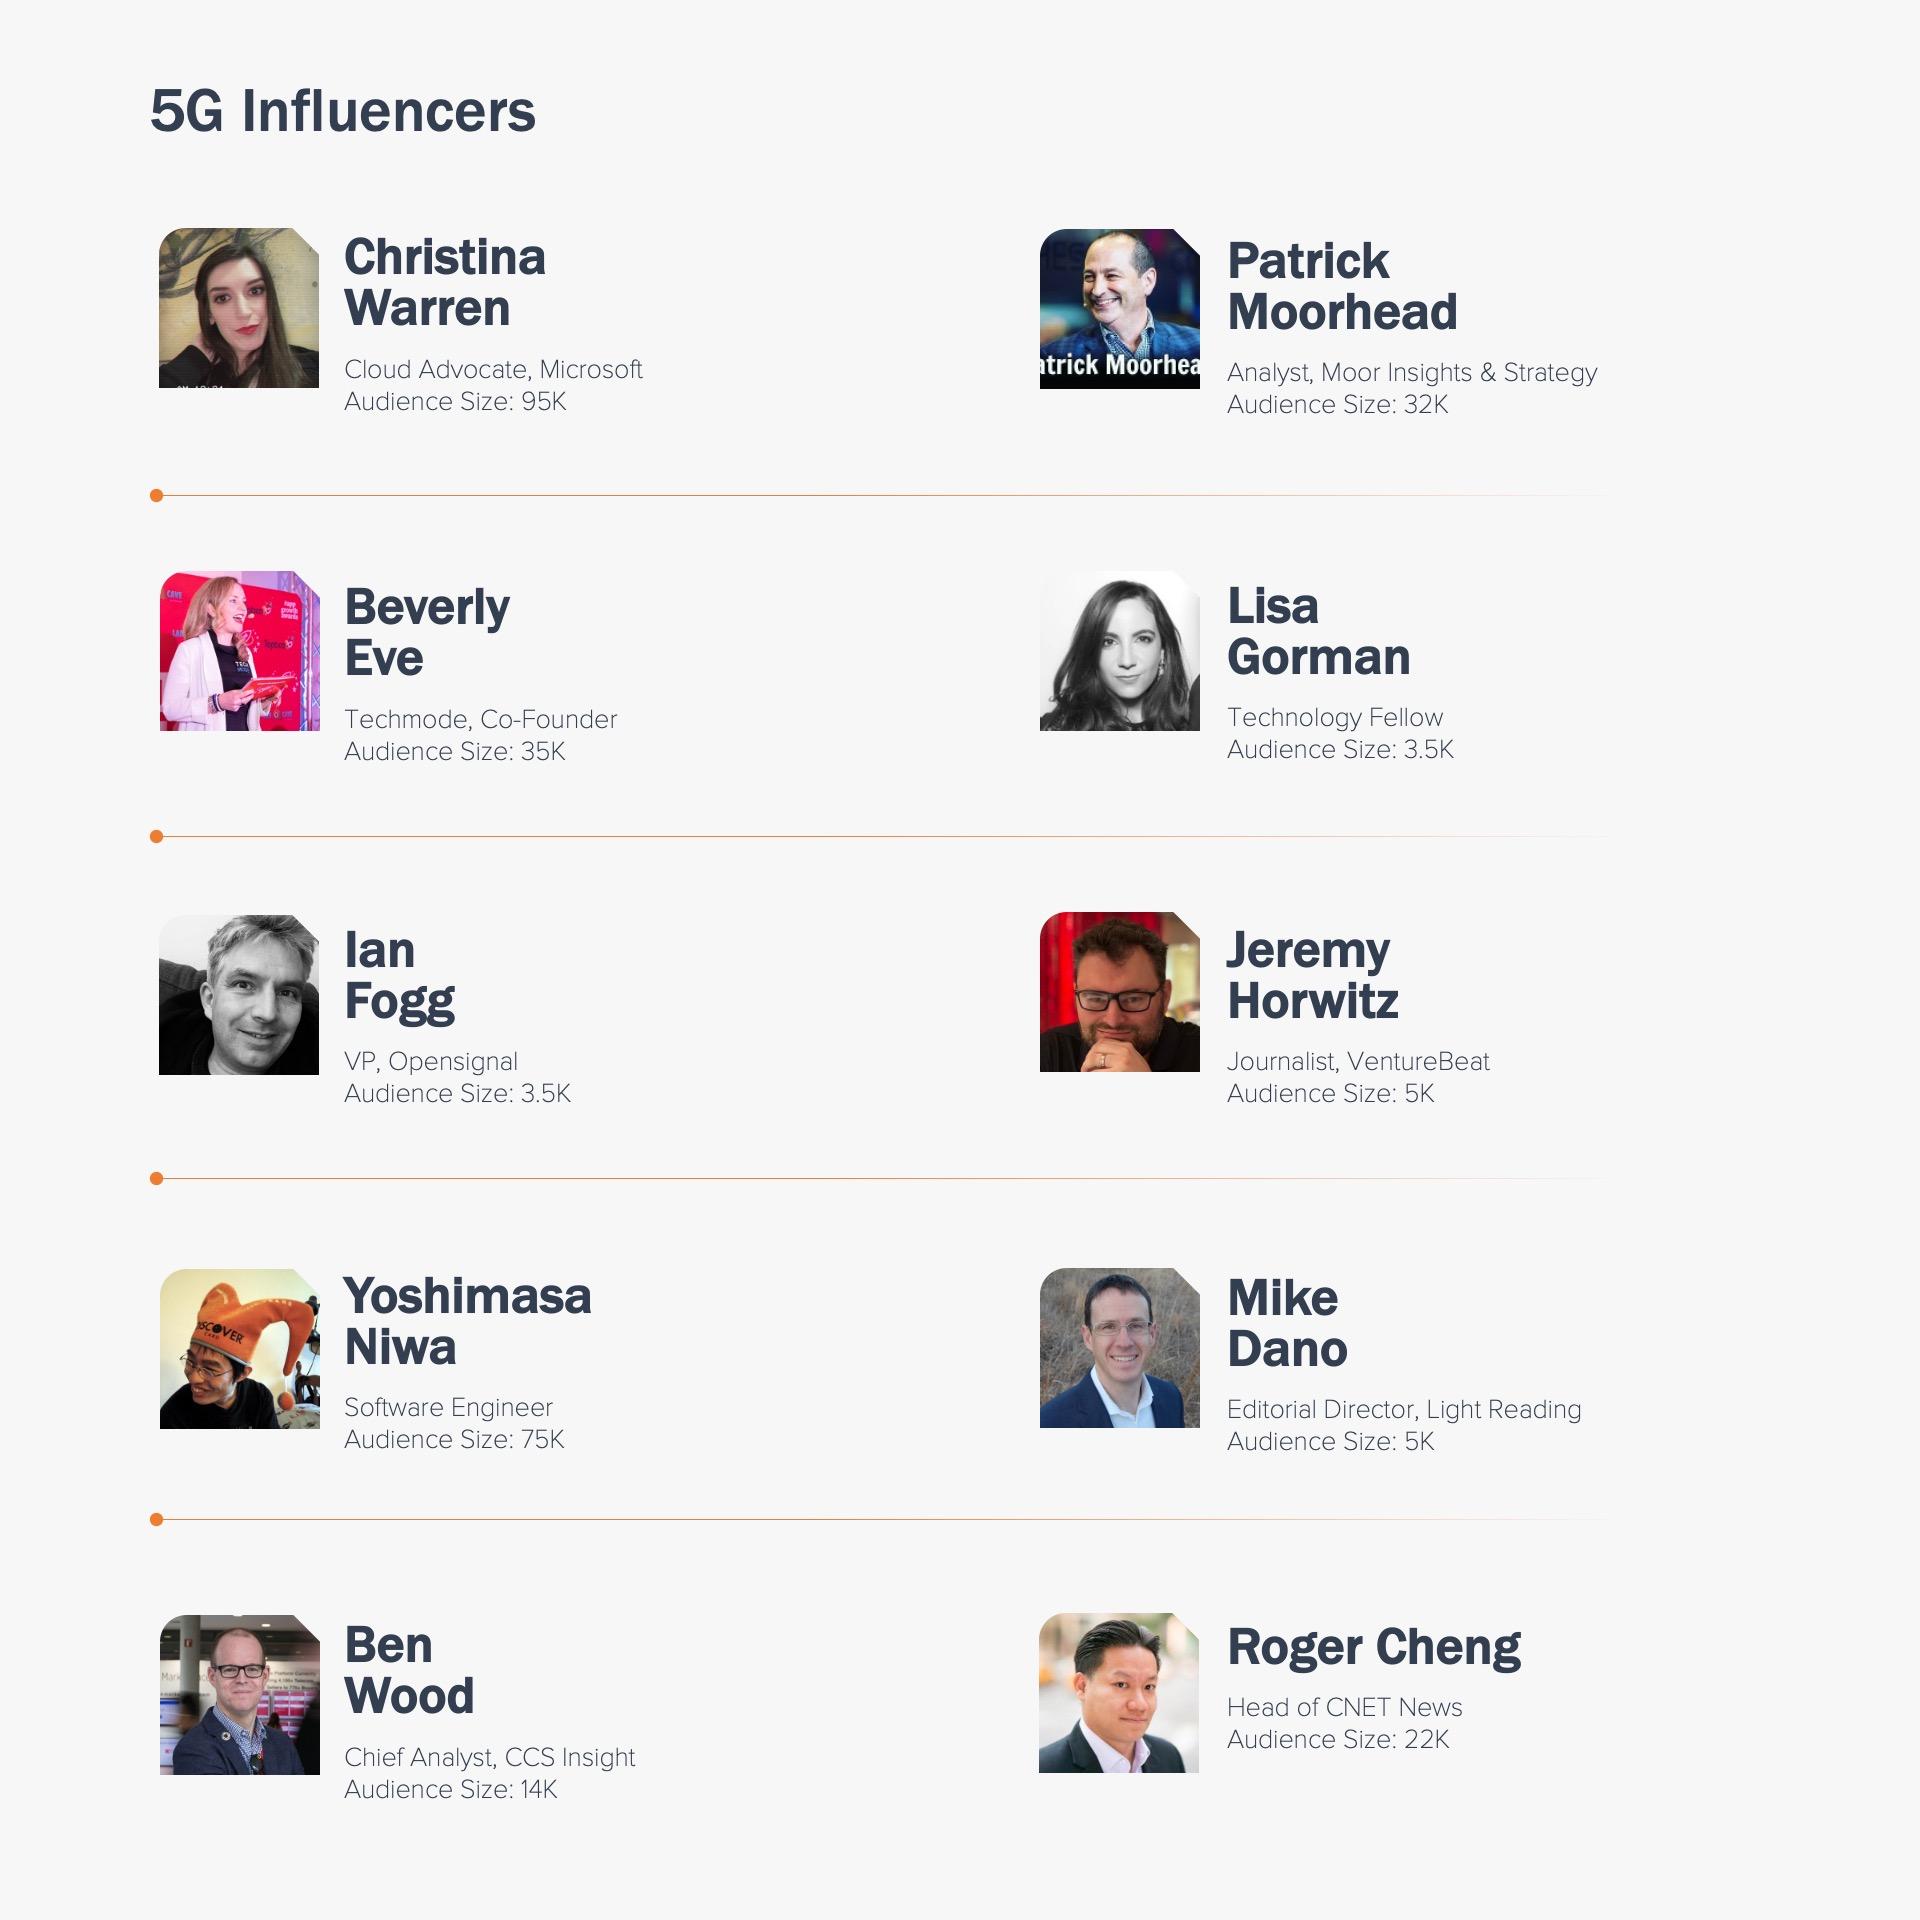 5G Influencer List